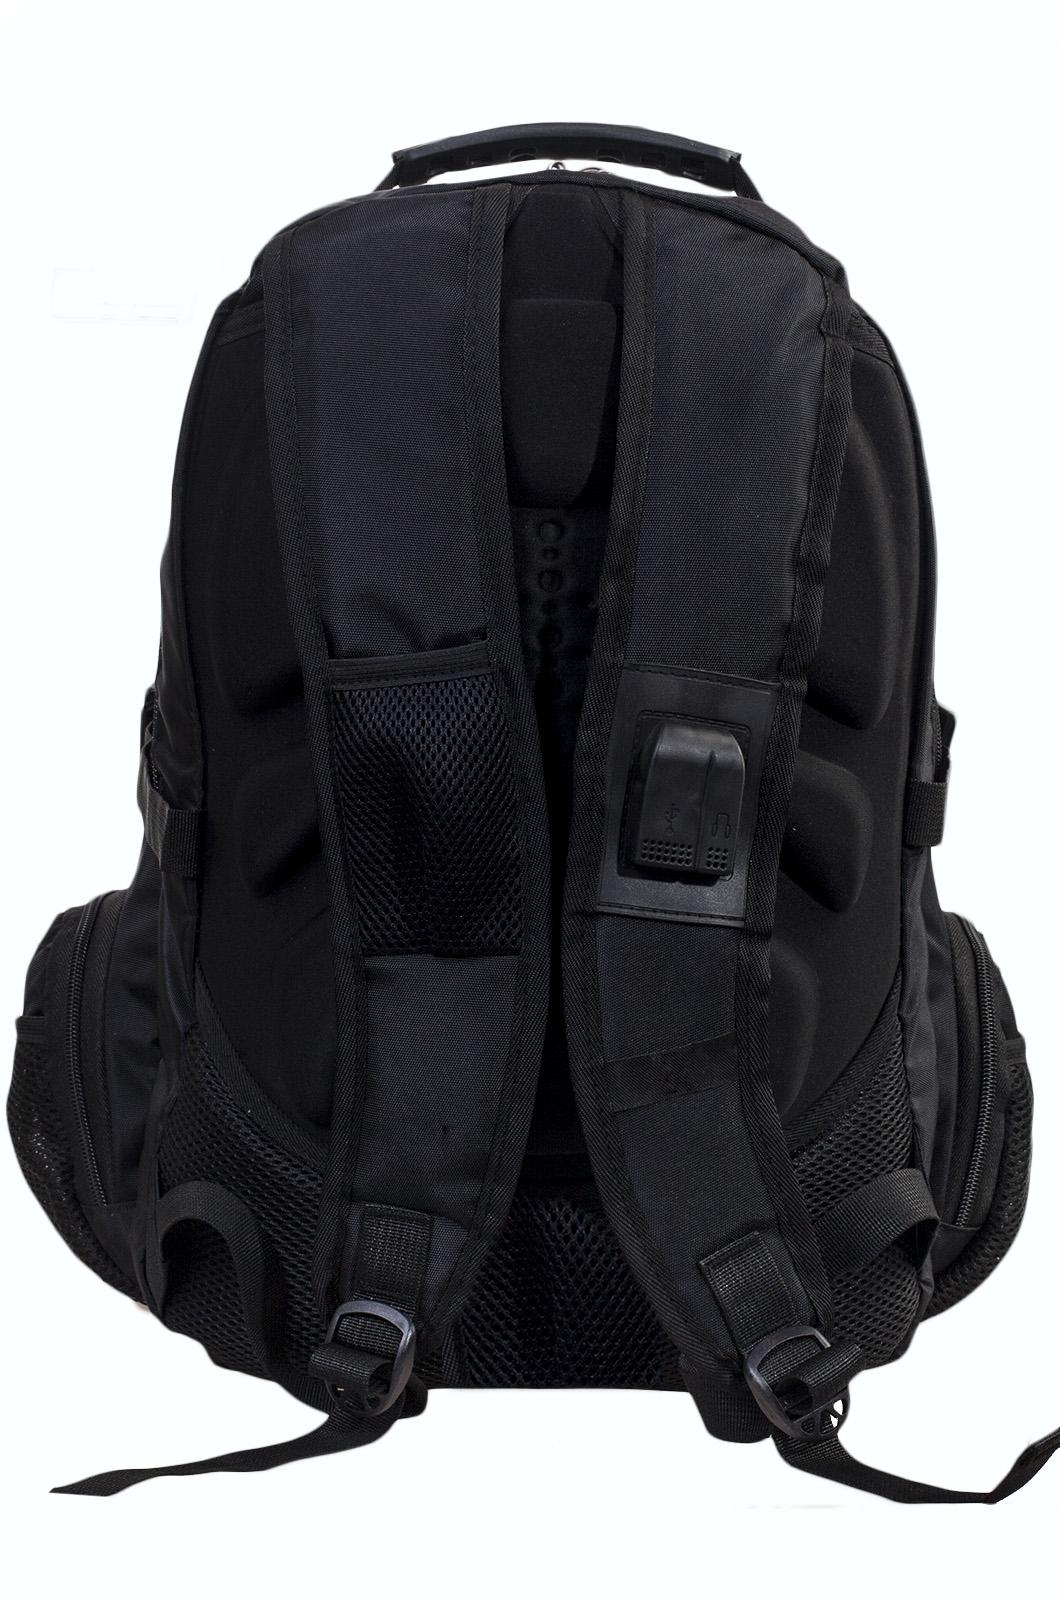 Зачетный универсальный рюкзак с нашивкой МВД России - заказать выгодно